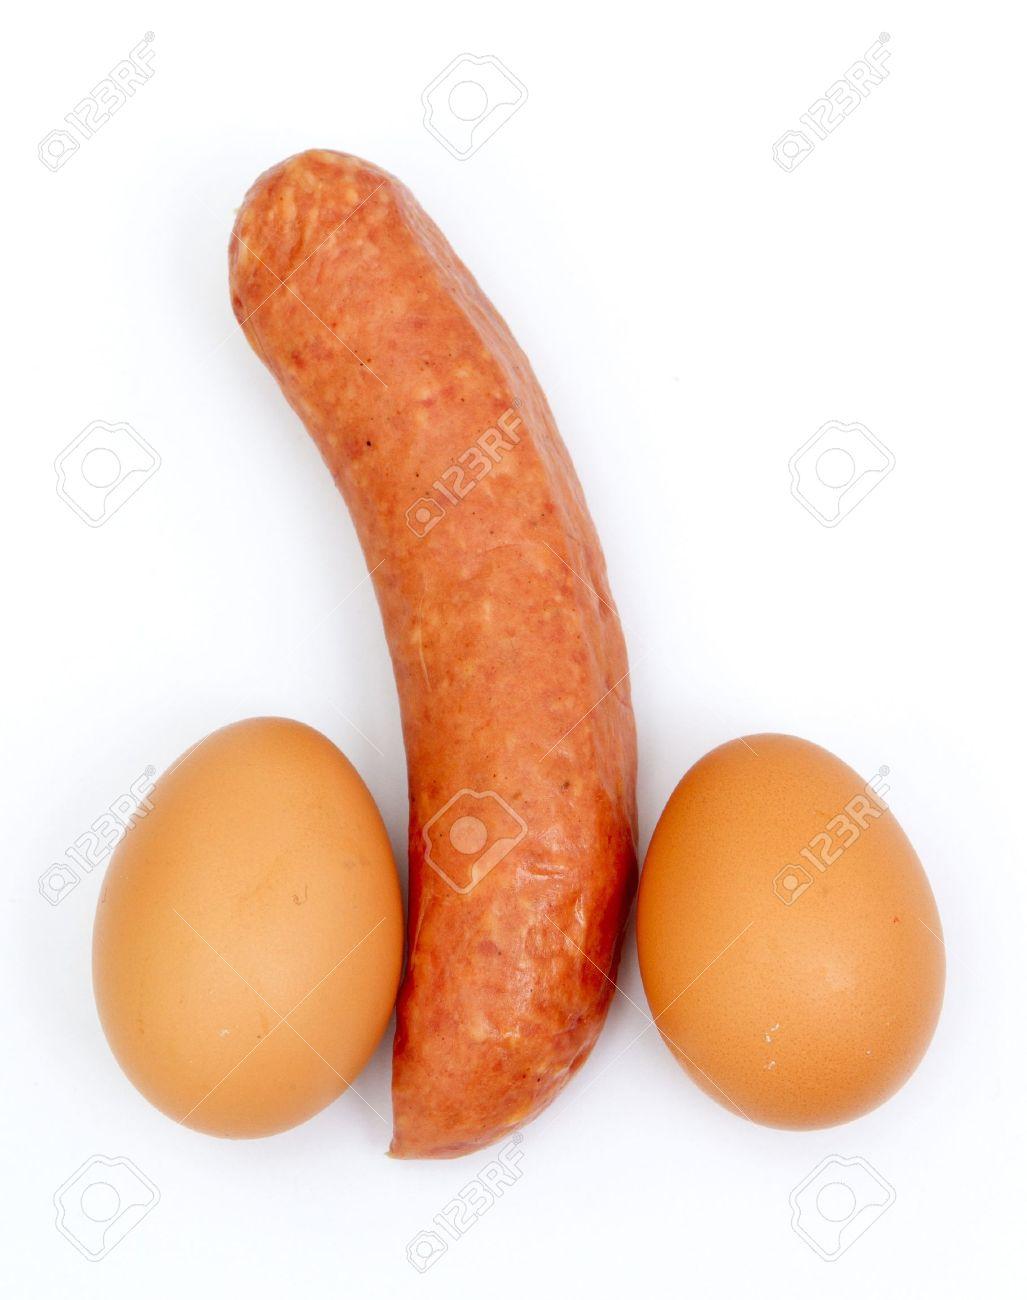 Член и яйца смотреть онлайн 5 фотография